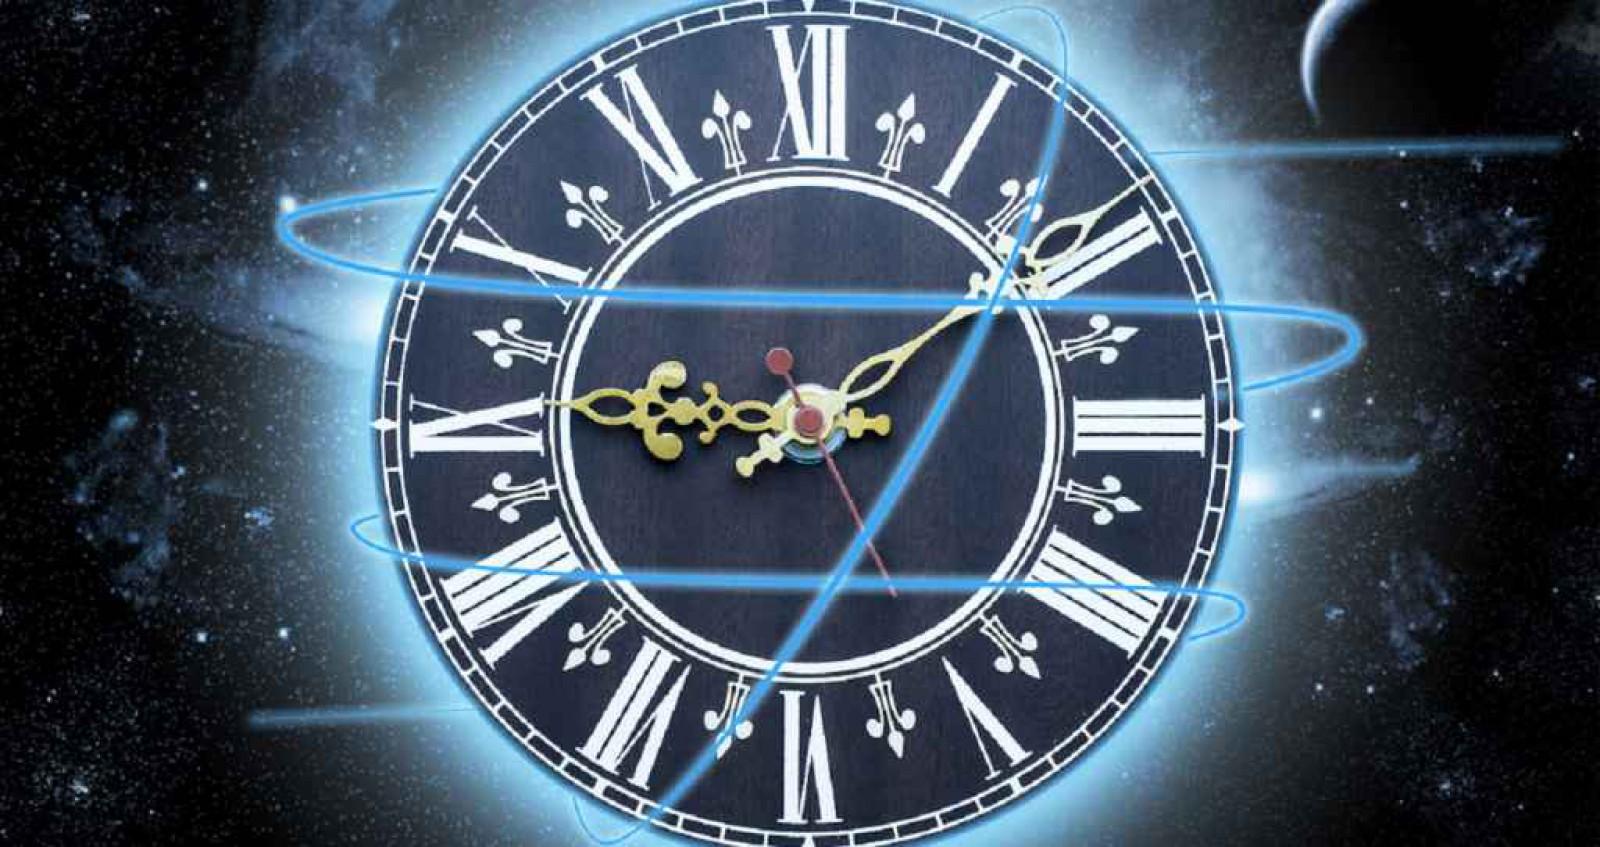 Horoscop: Bani, plăceri tulburătoare și un coleg trădător. Previziunile astrelor pentru azi